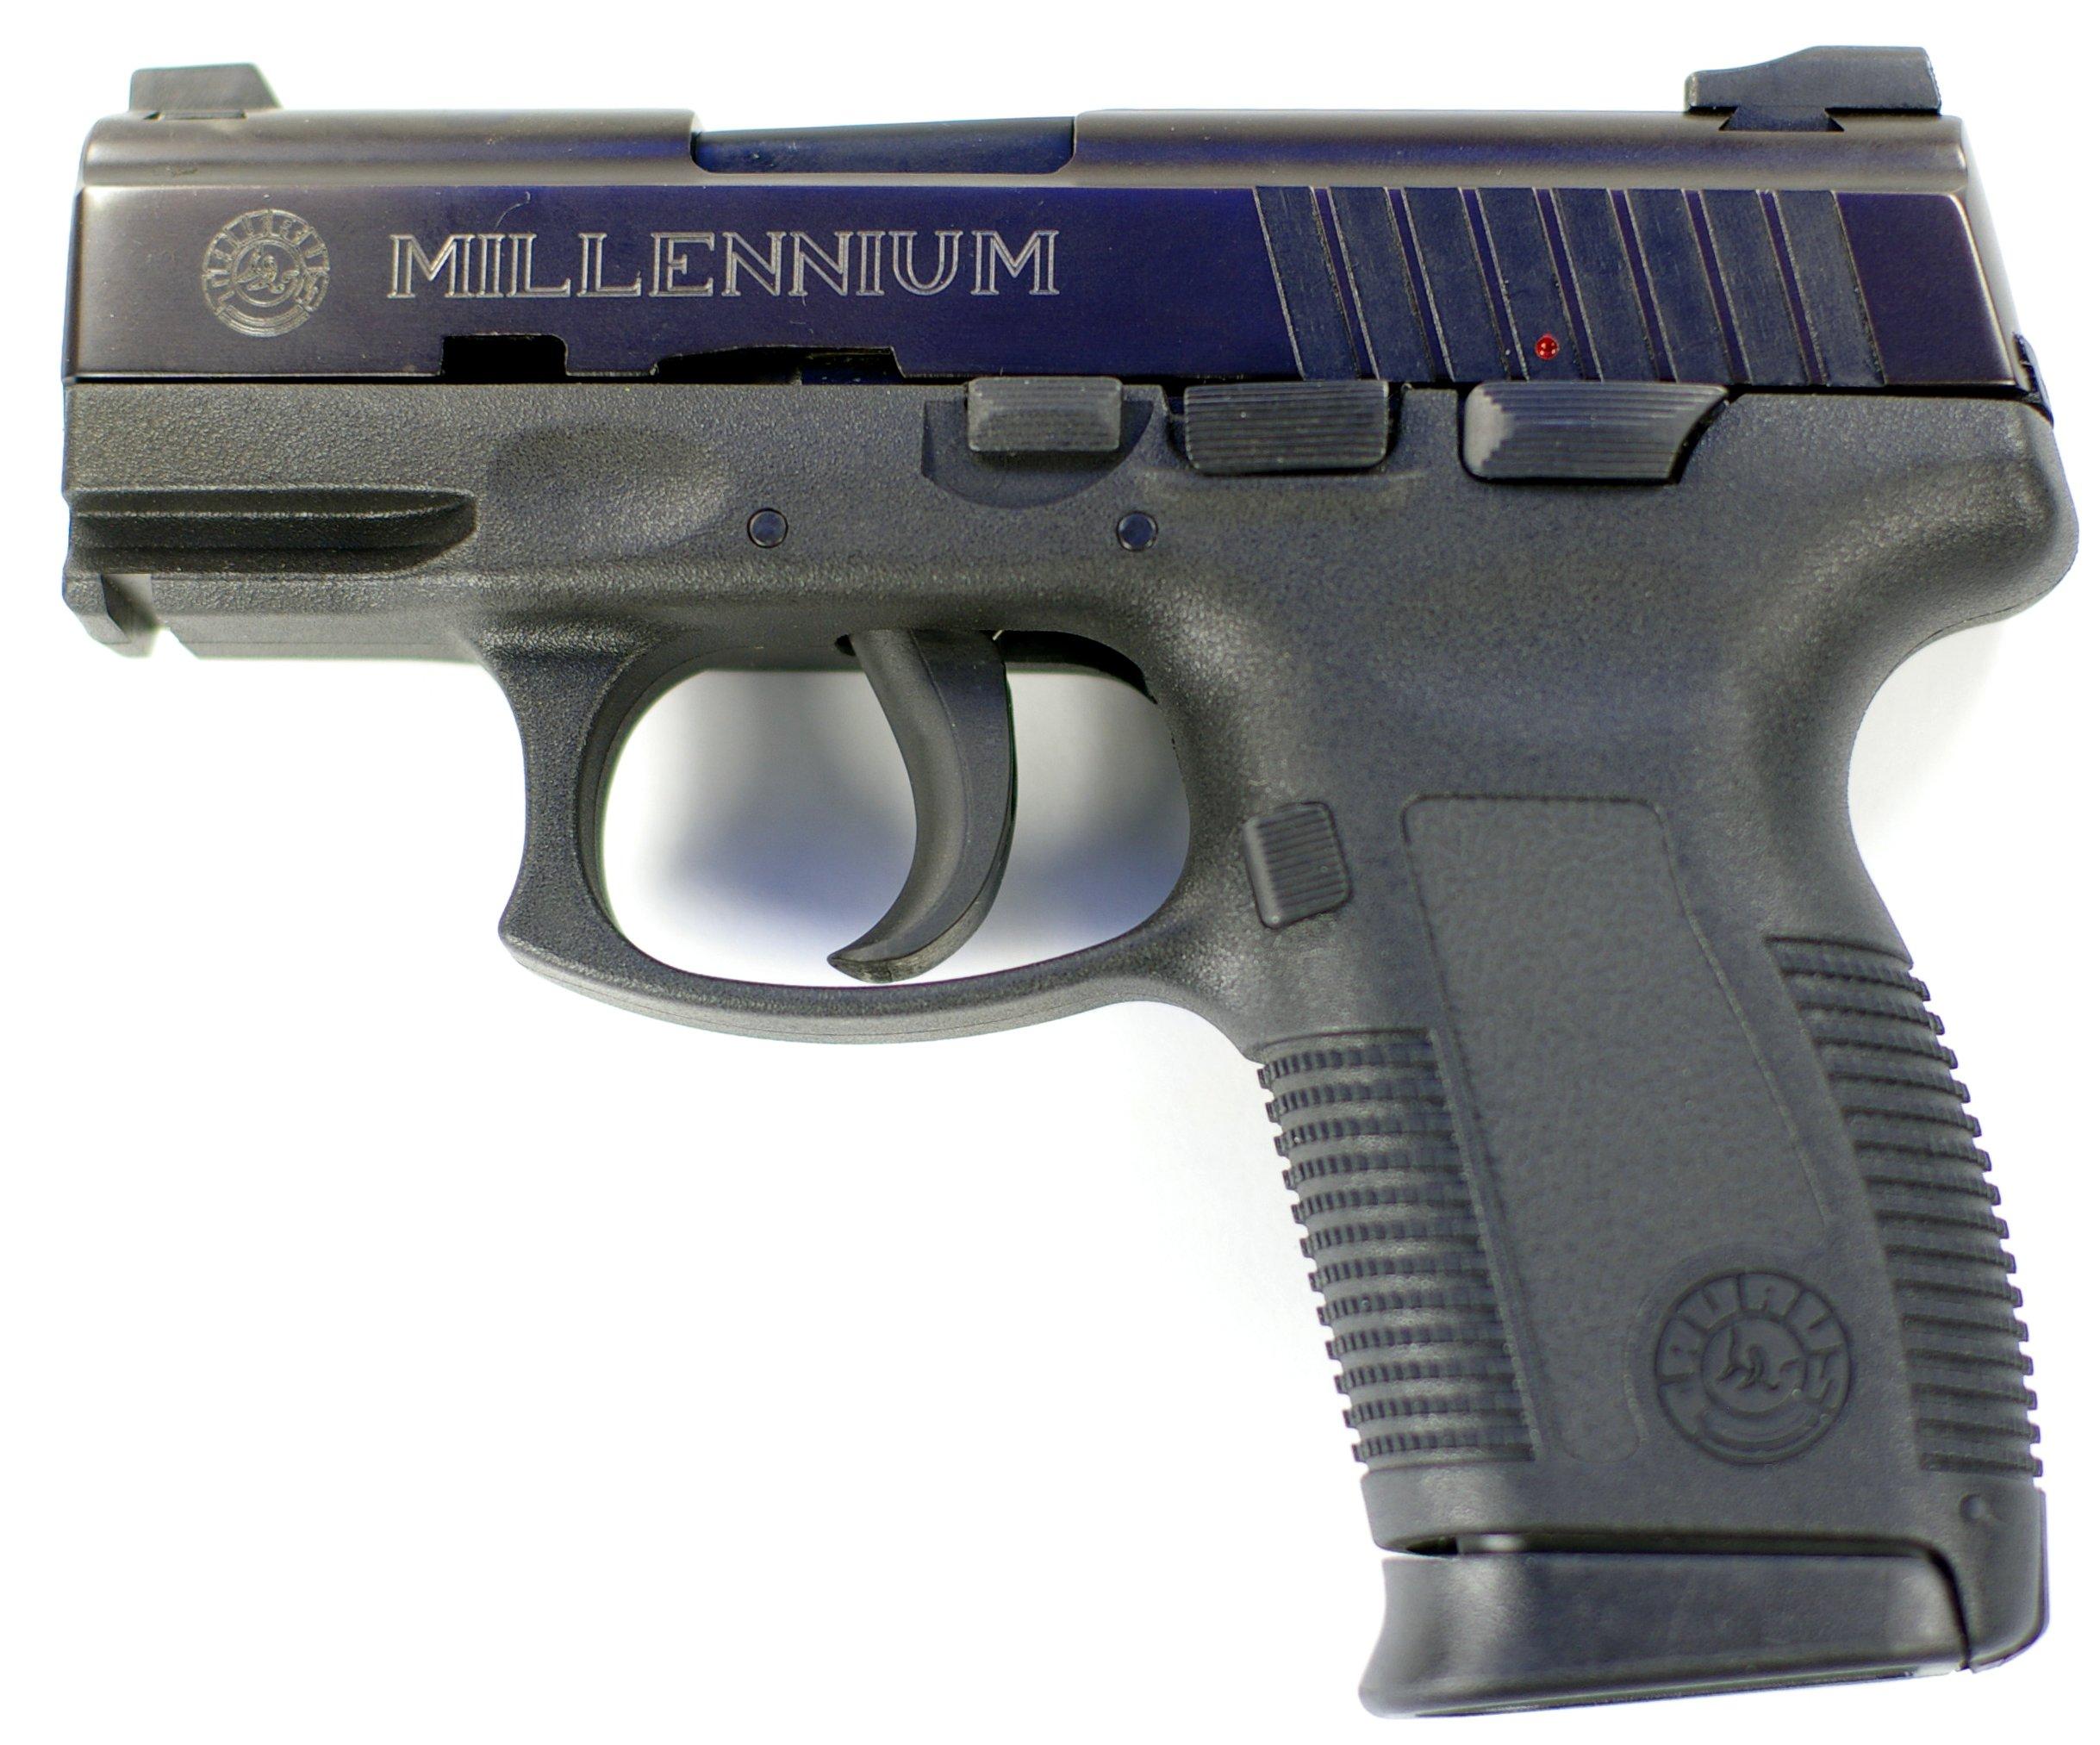 Taurus Millennium Series